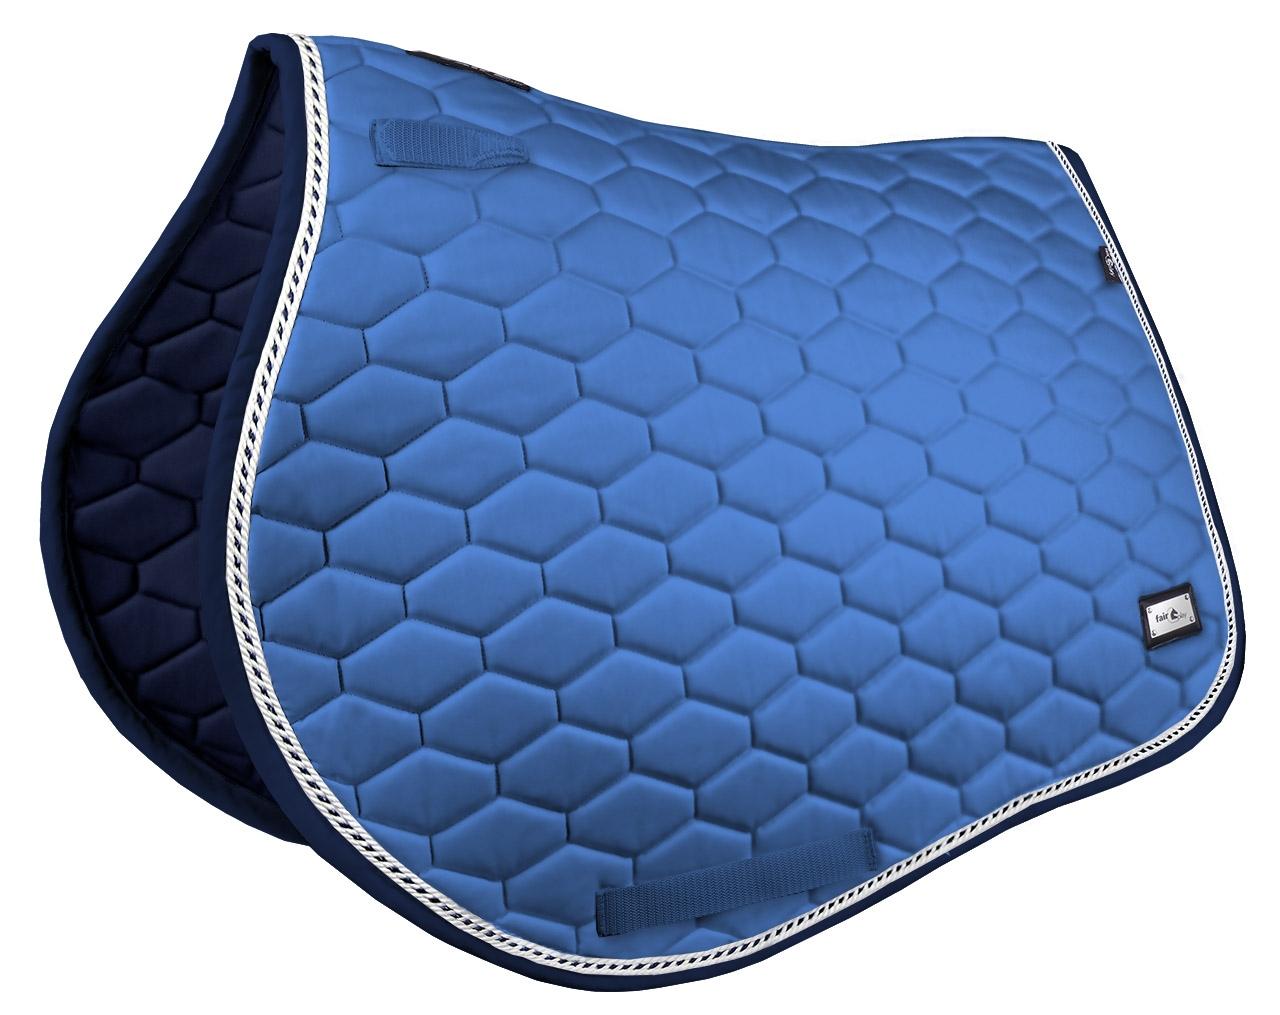 Hexagon Blå VSS